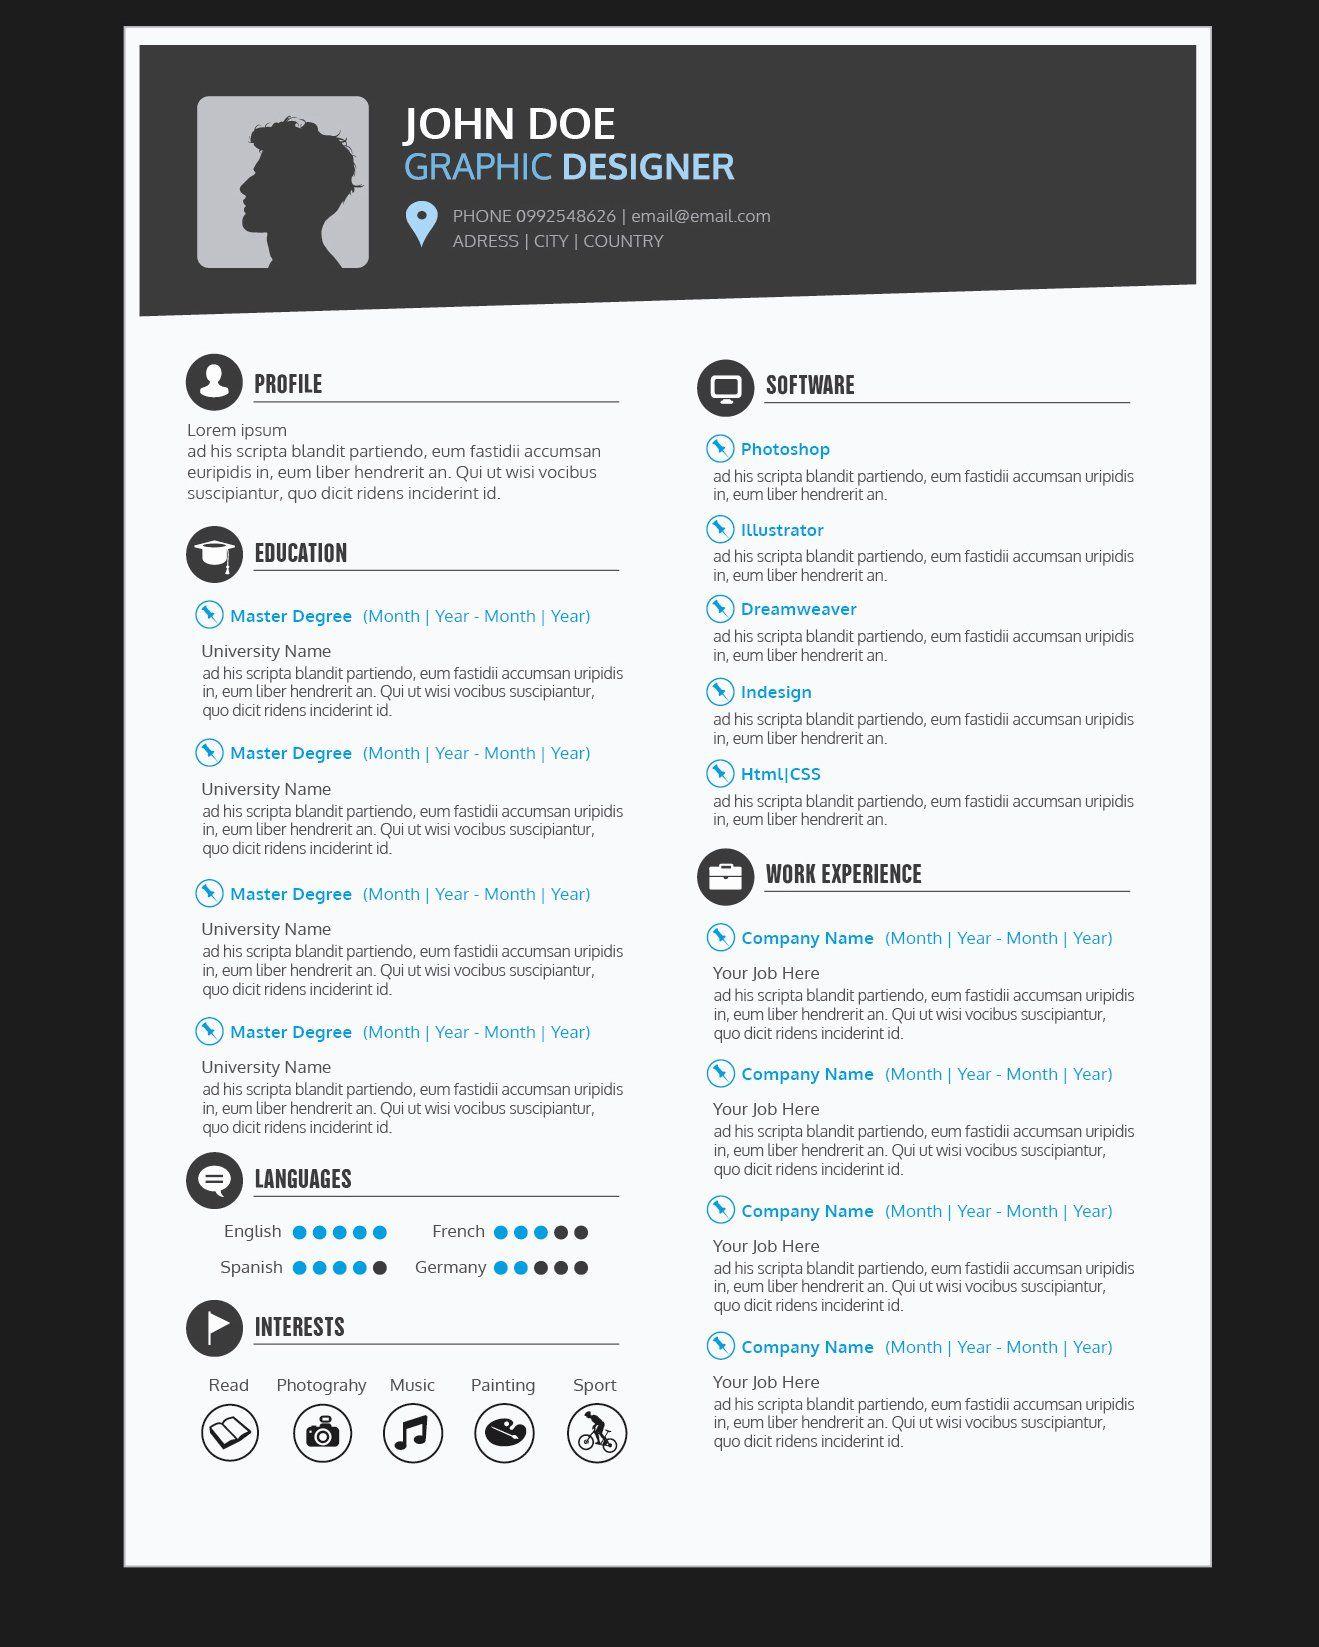 20 Senior Graphic Designer Resume Resume design, Graphic